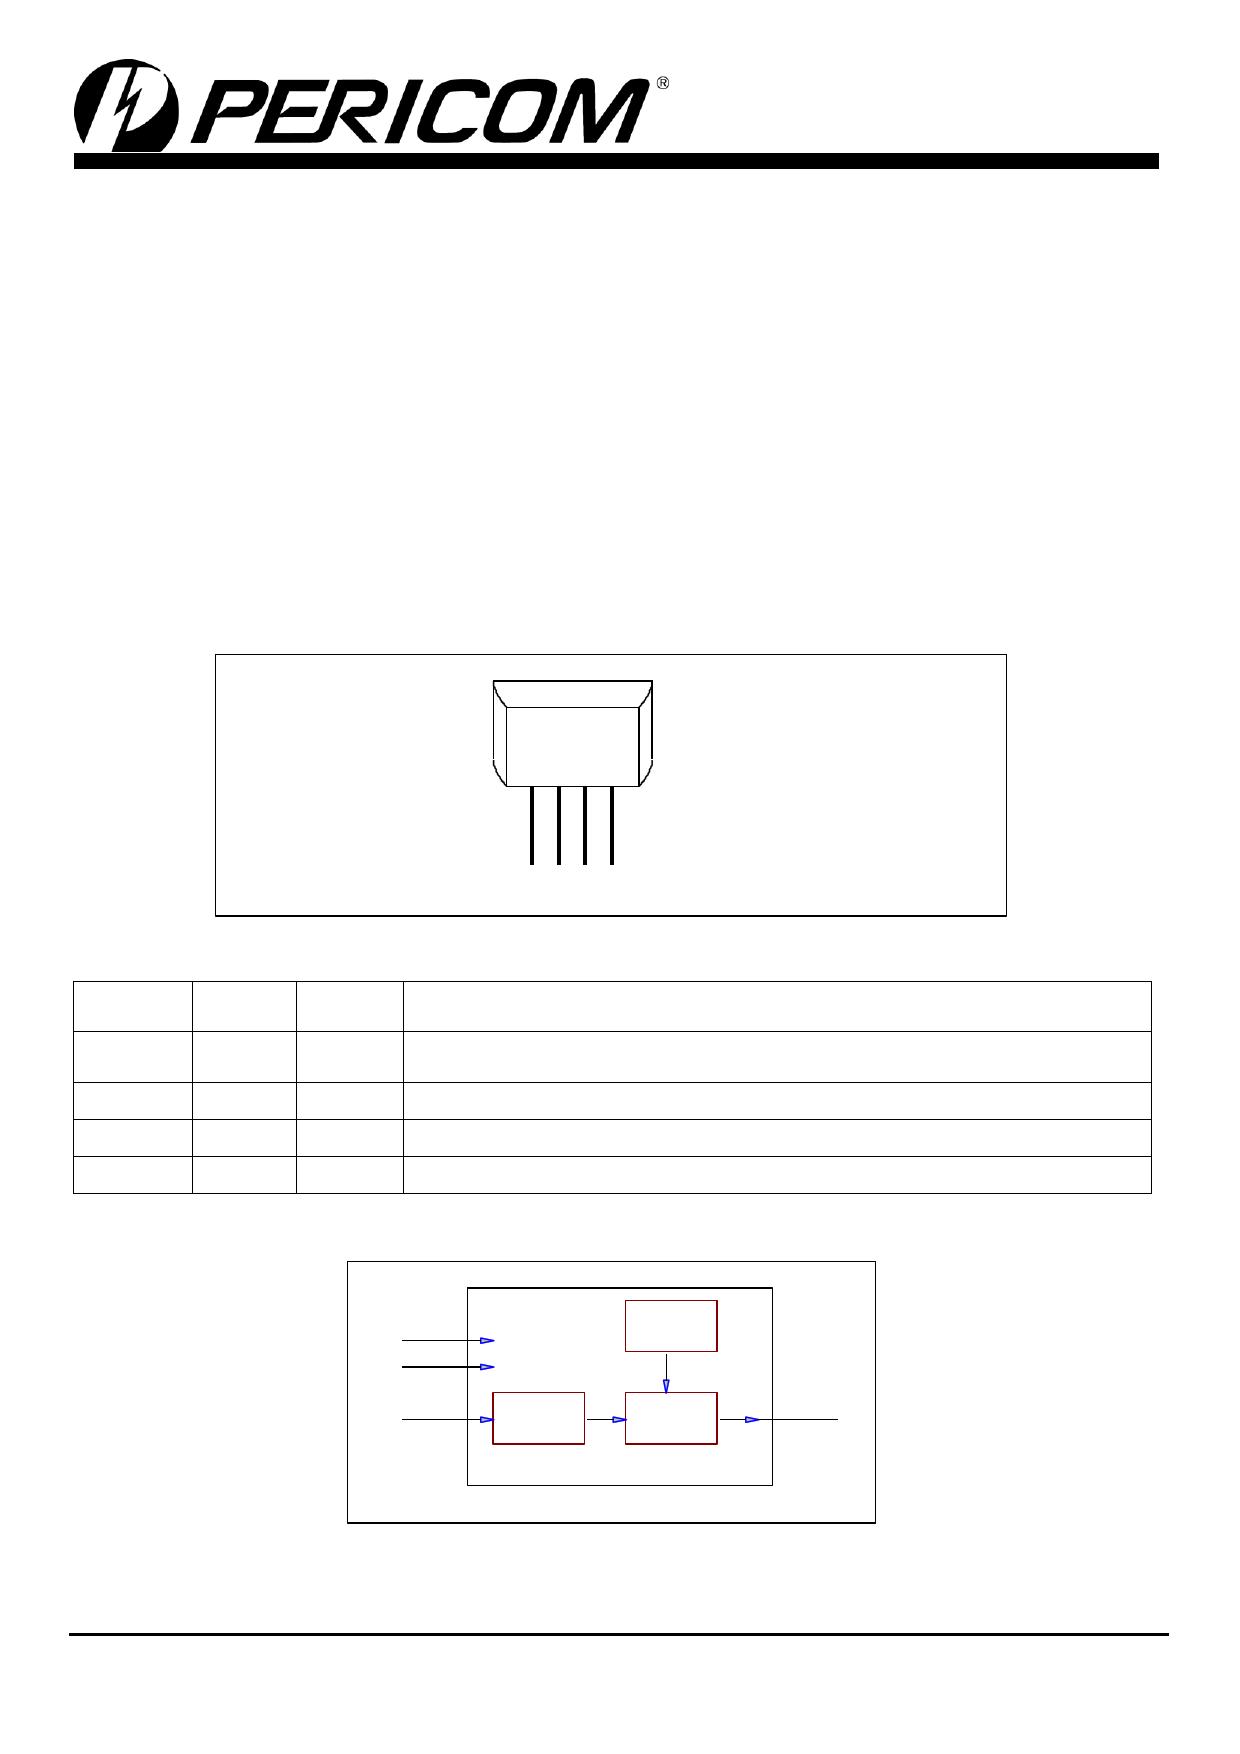 8A2512 image